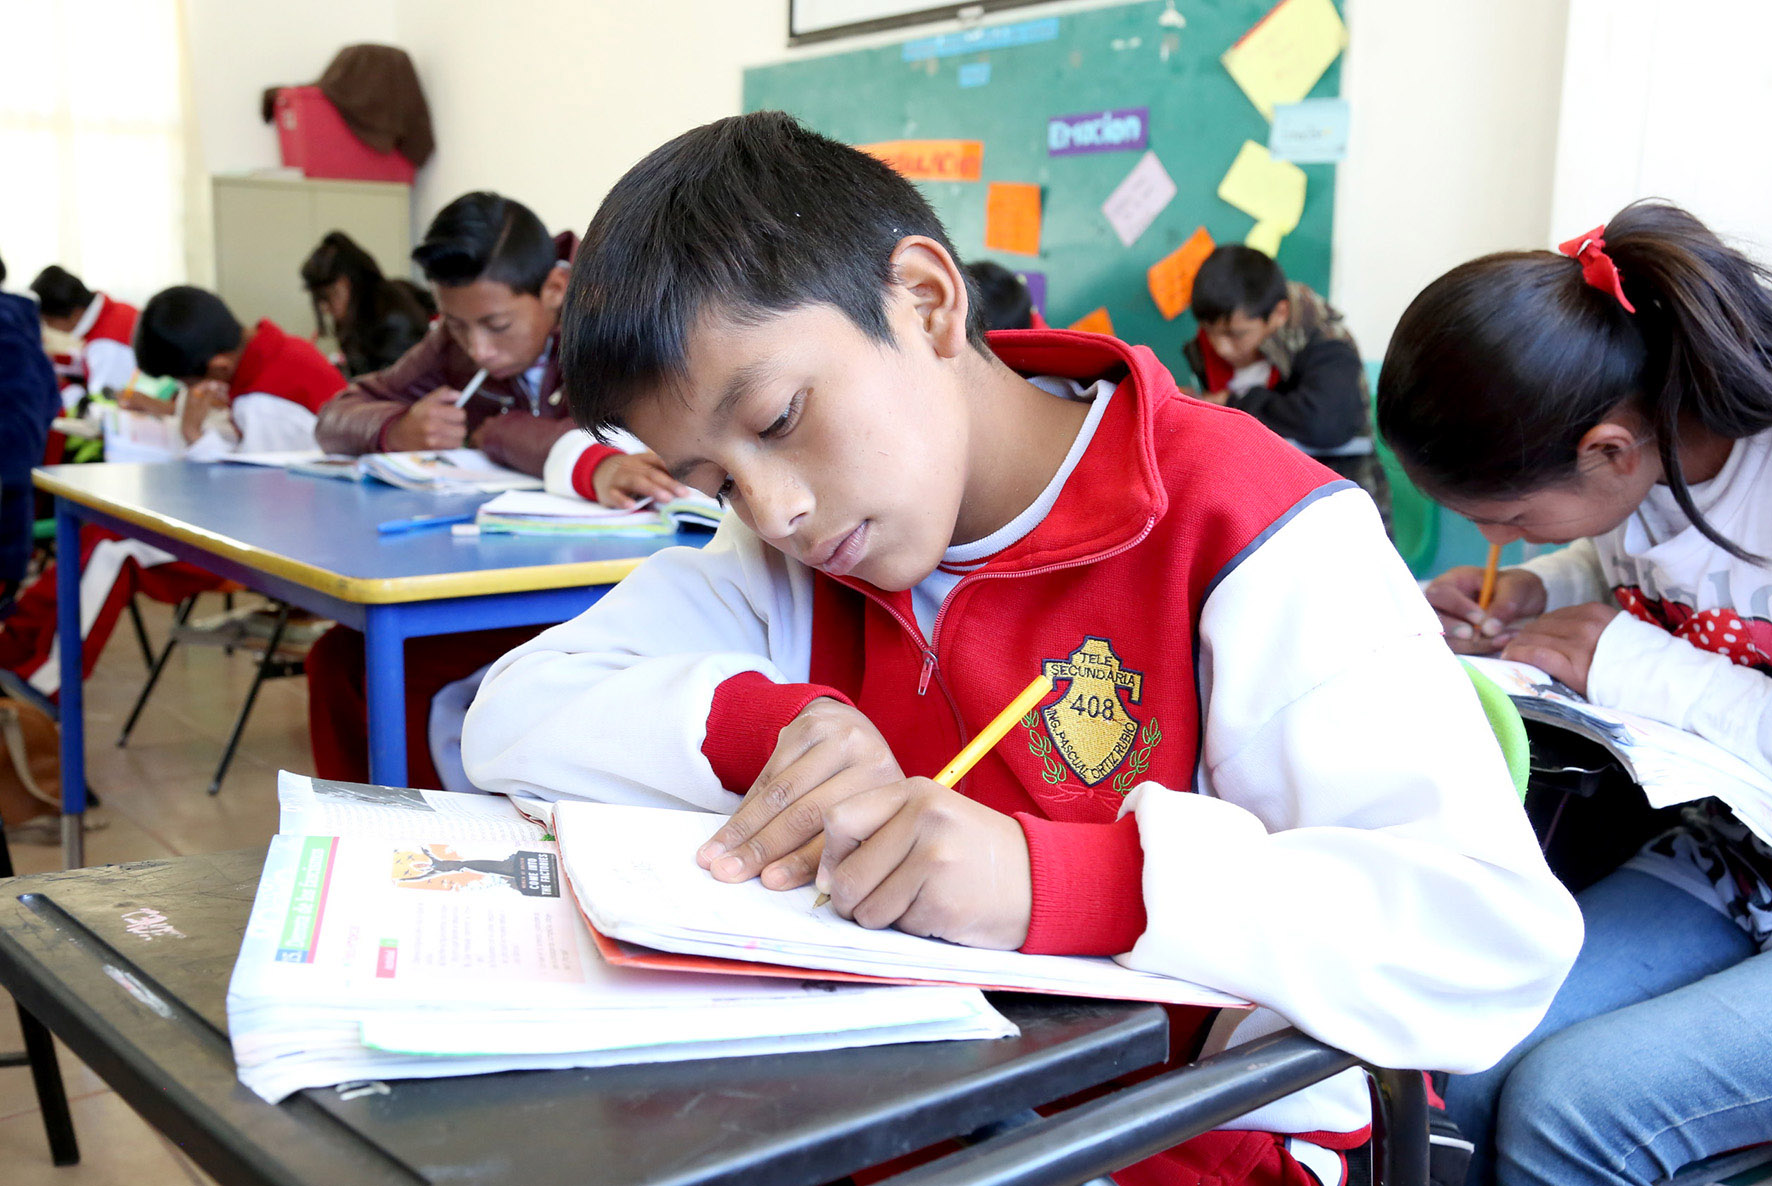 como-registrarse-y-de-cuanto-son-las-becas-para-primaria-y-secundaria-edomex2